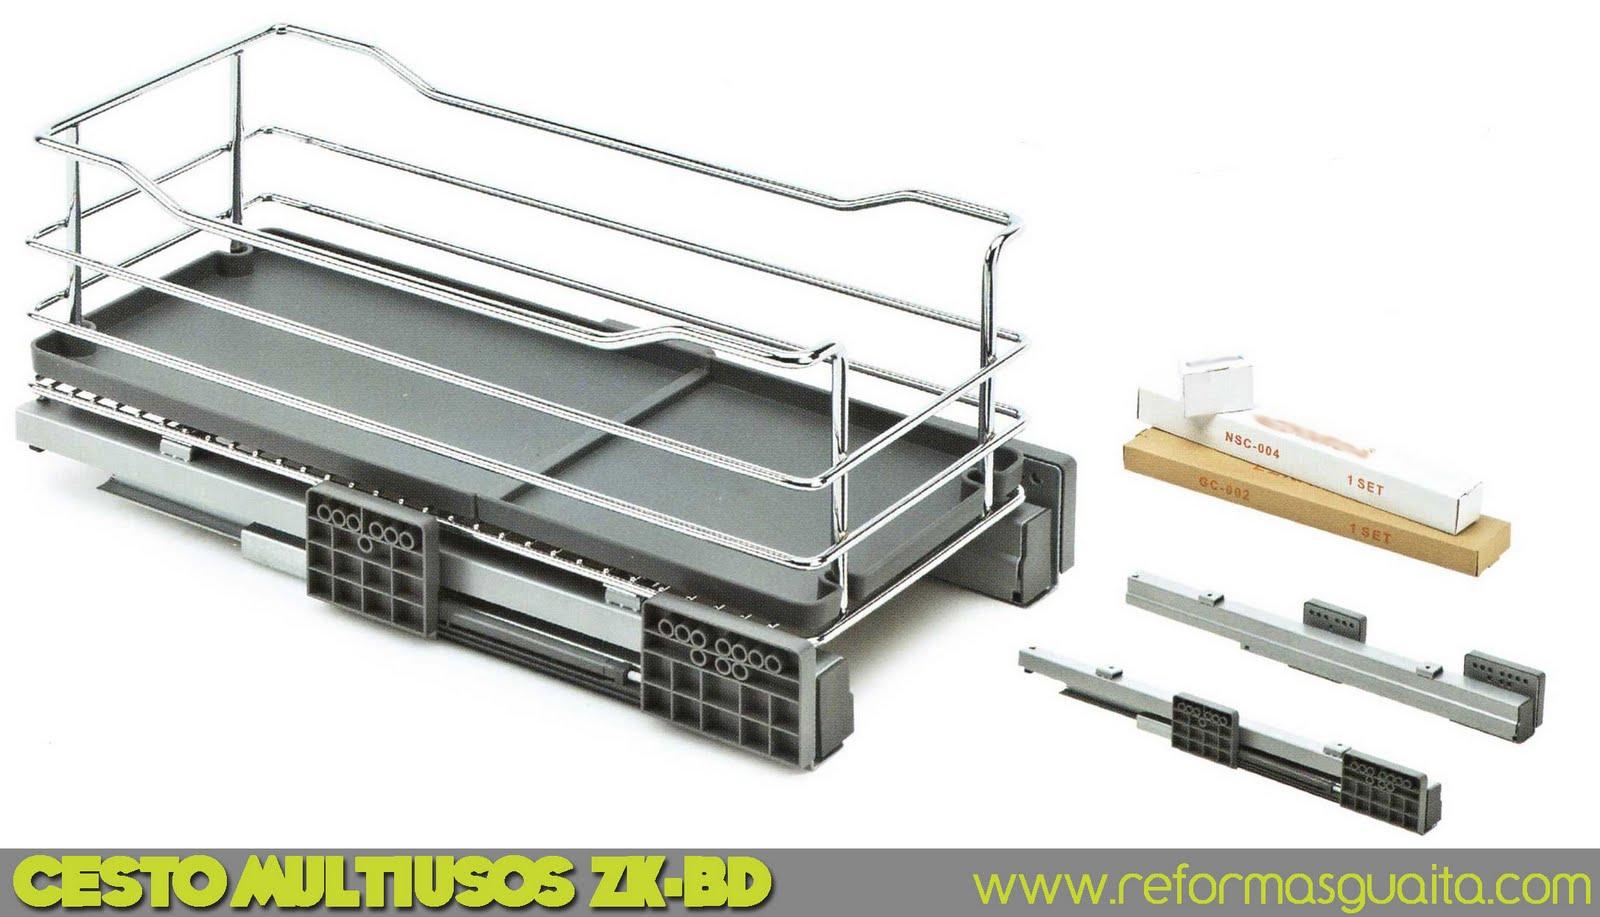 cesto multiusos zk-bd cocina metálico bandeja plástico verdulero guías extraíble organización puerta armario cuina